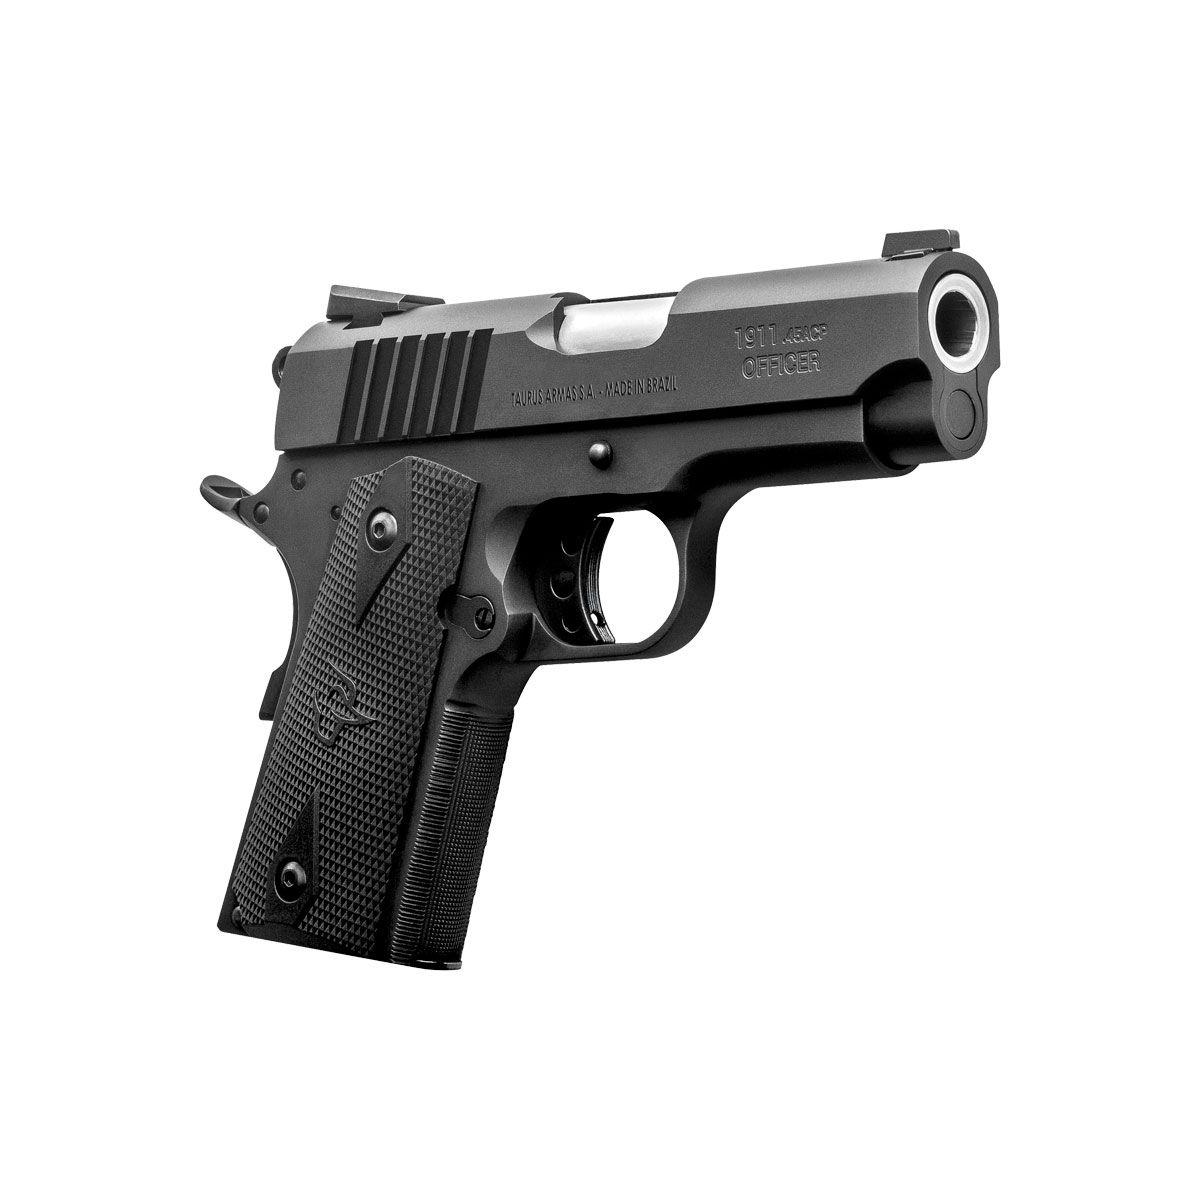 Pistola Taurus 1911 OFFICER .45ACP 3,5 CAFO 6+1